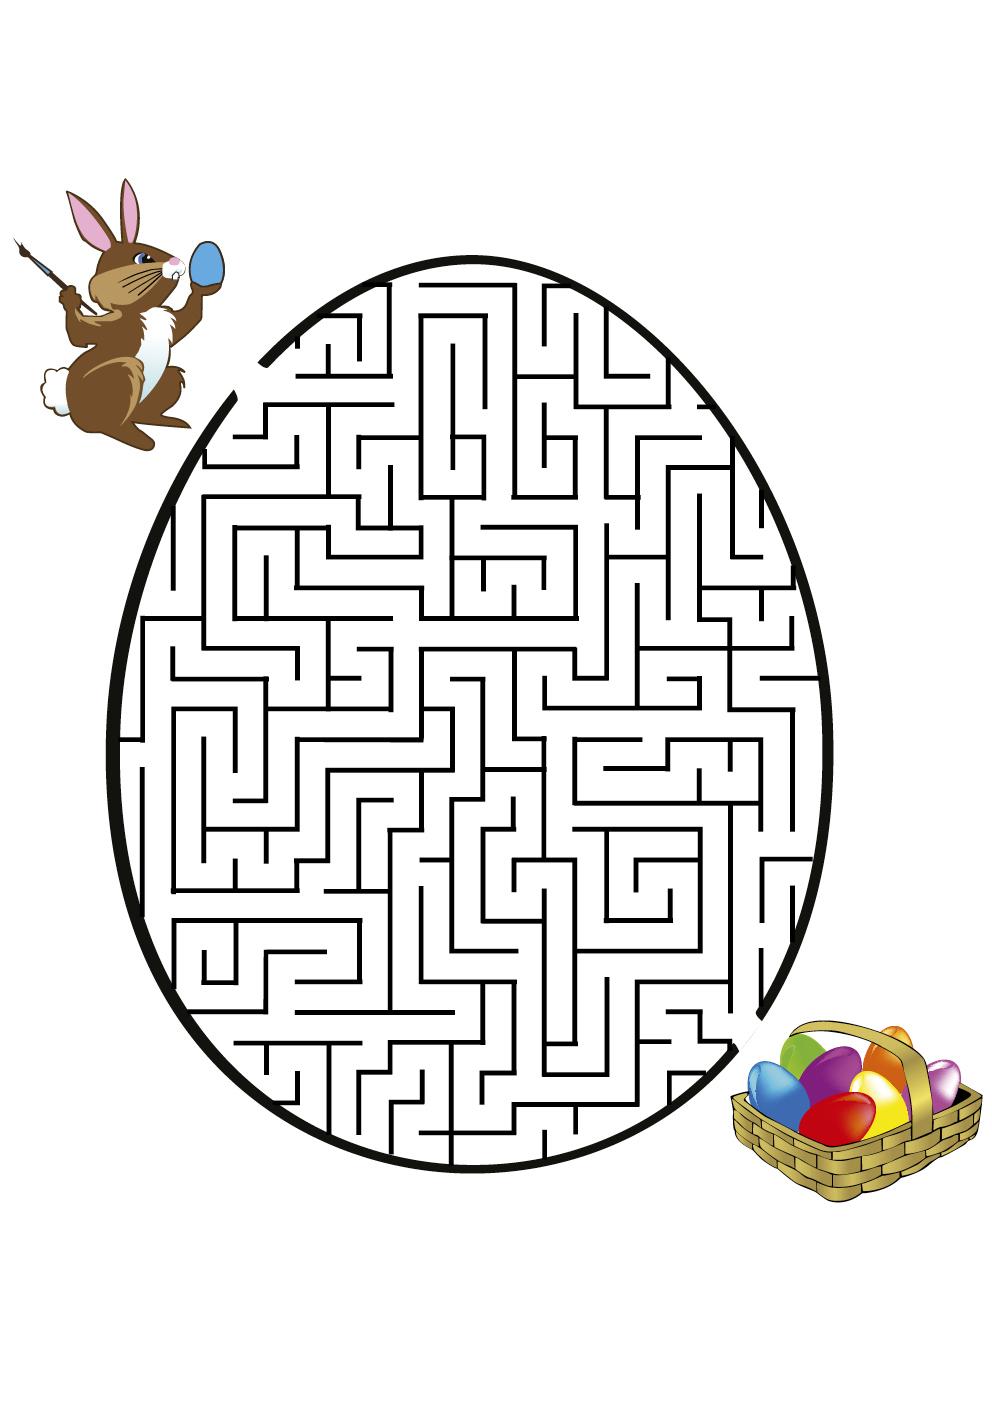 Jeu Coloriage Labyrinthe - Labyrinthes À Colorier encequiconcerne Un Jeu De Coloriage